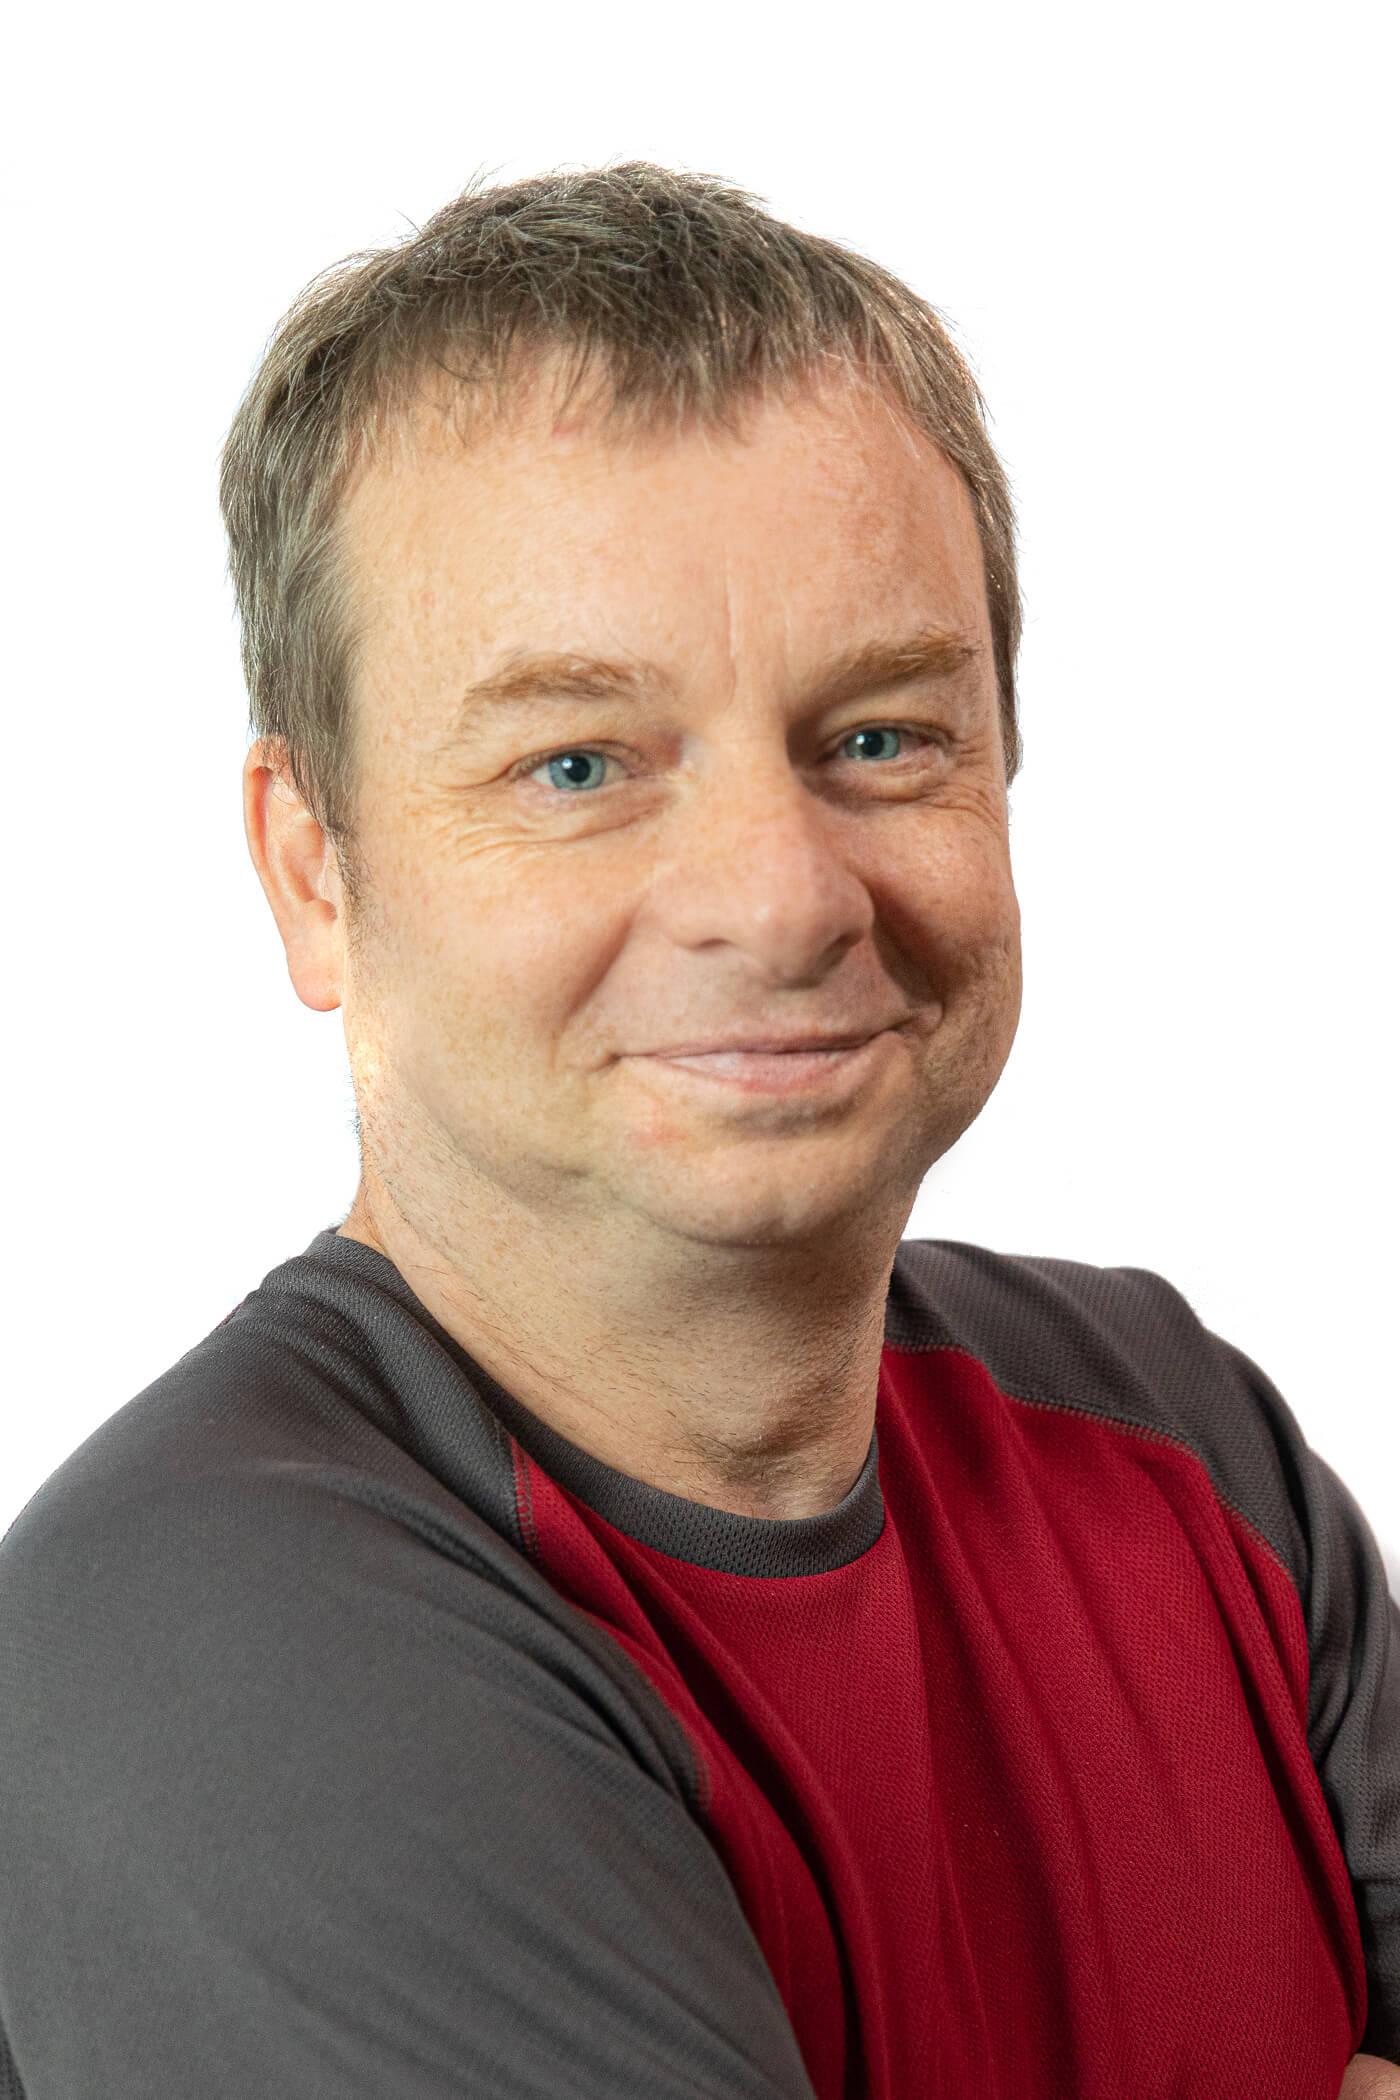 Steve Lennett